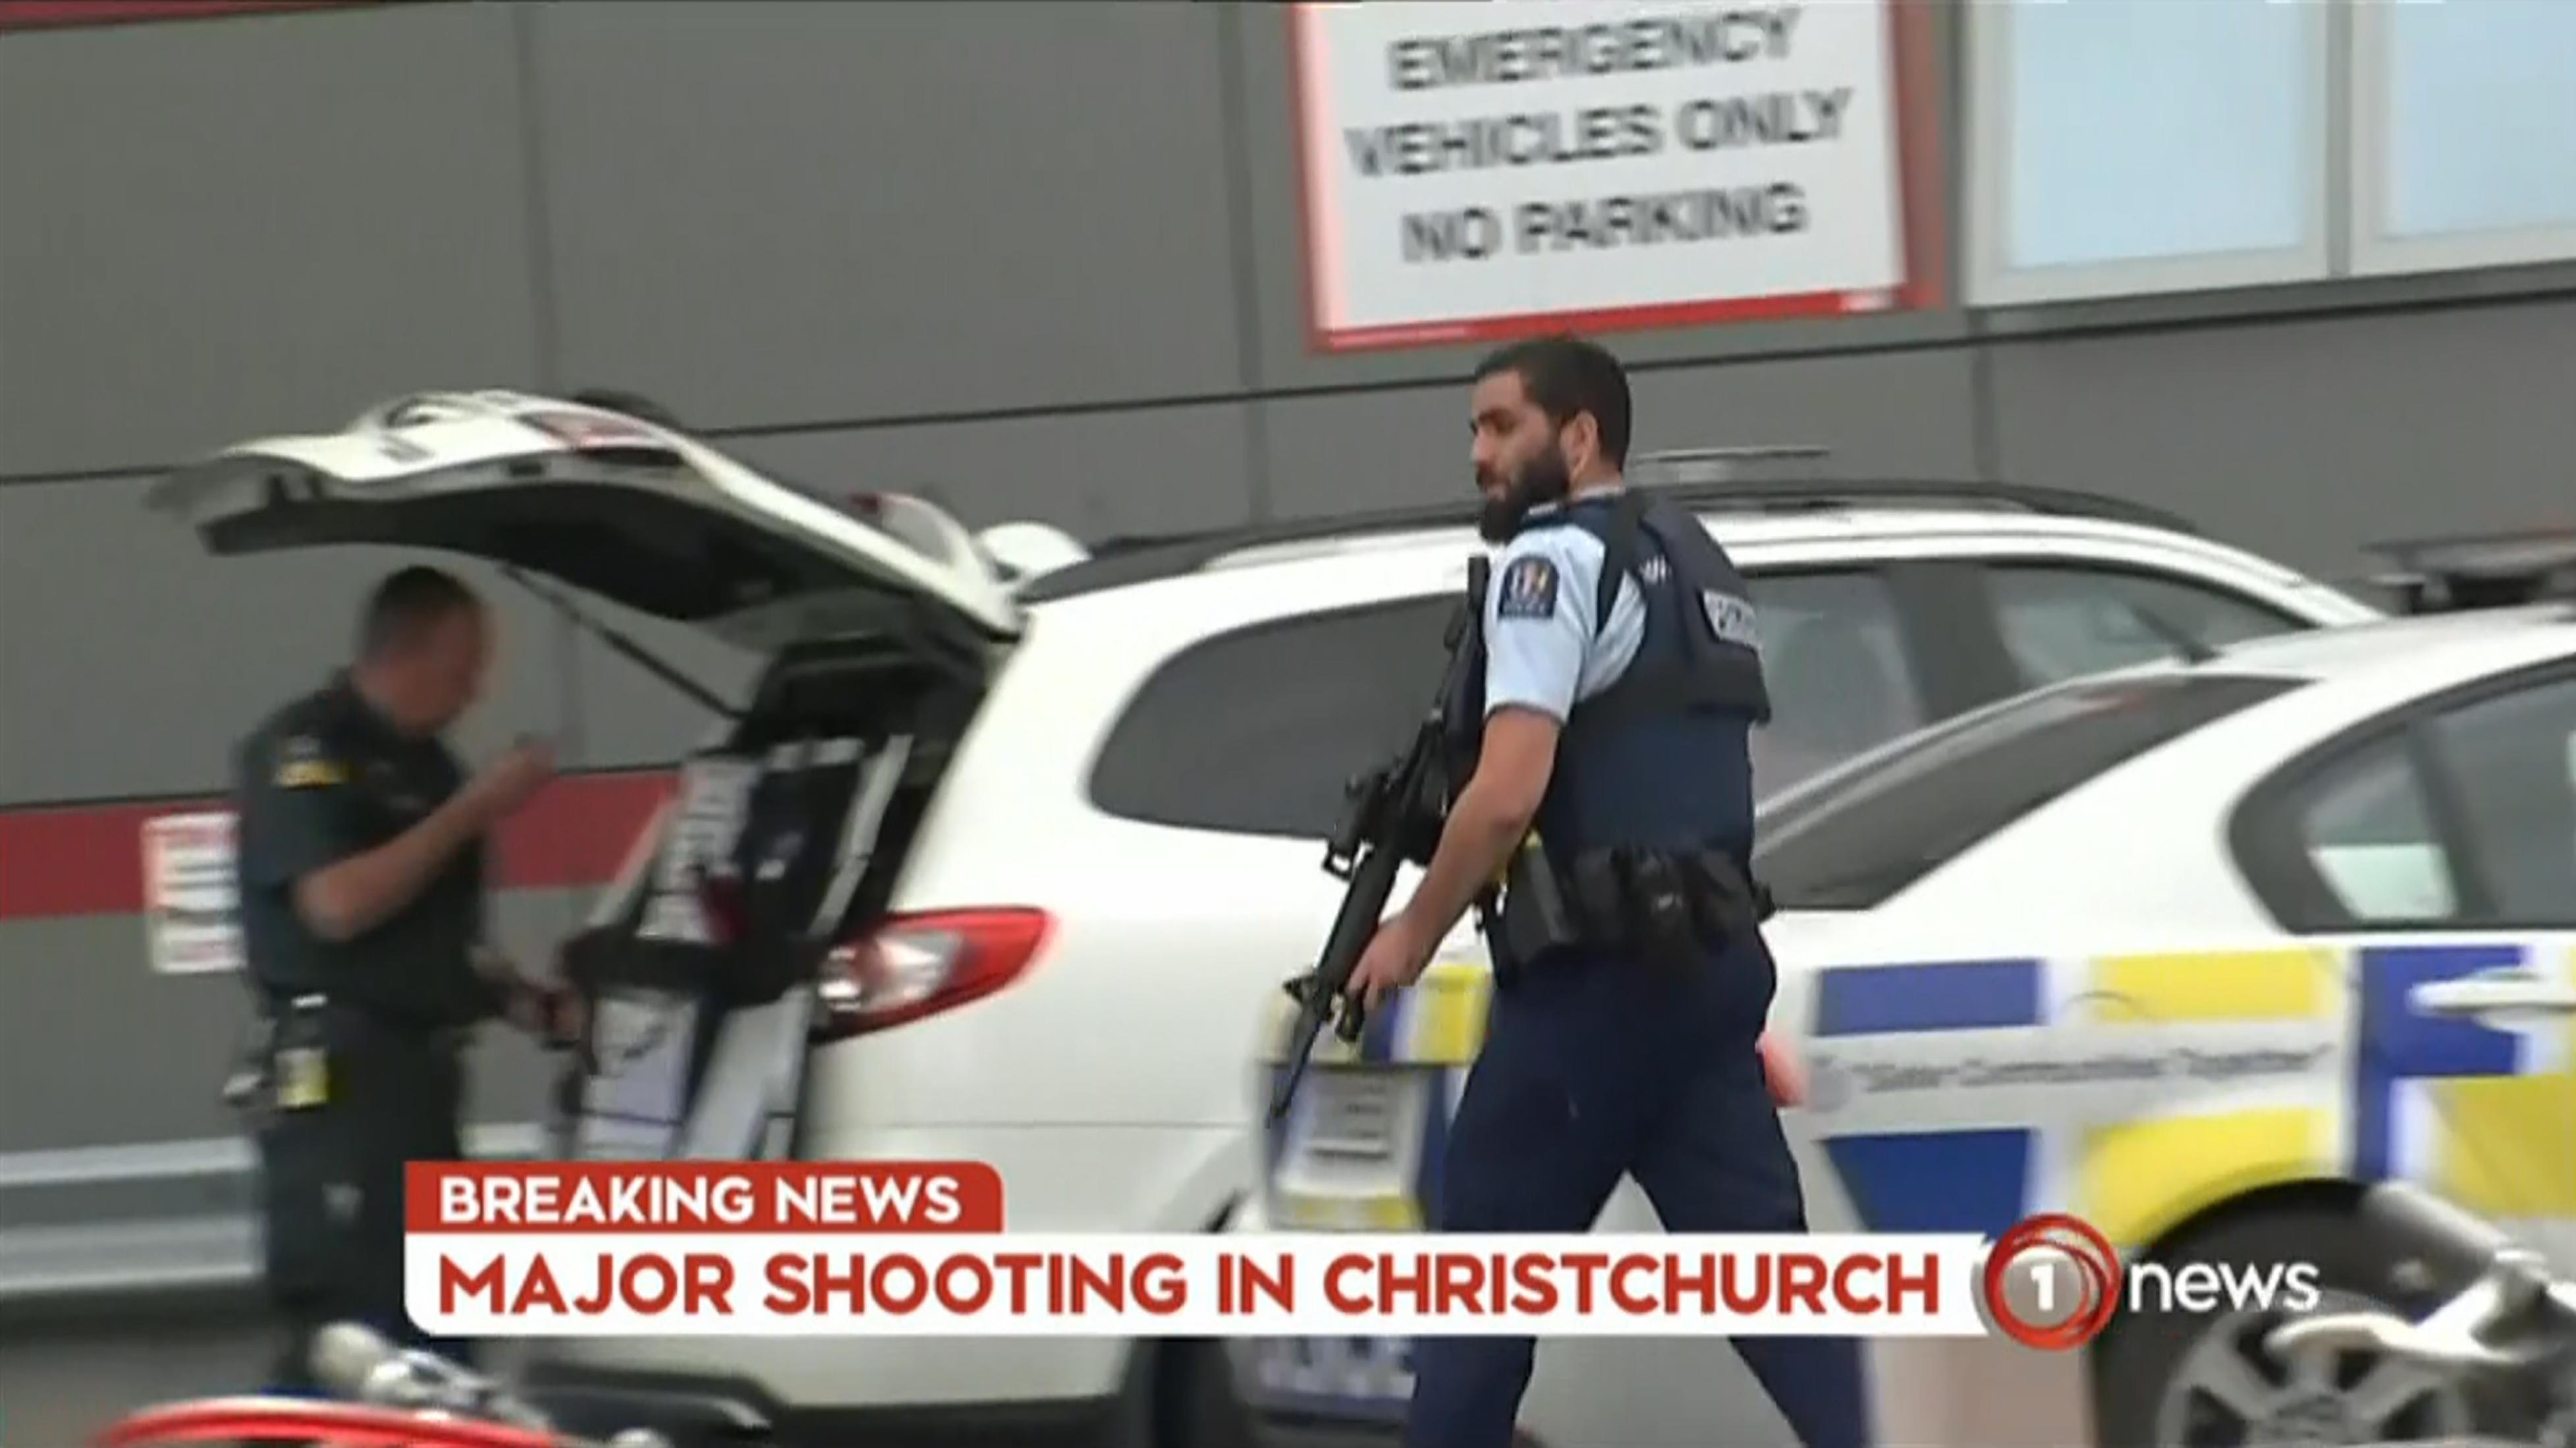 (Laurent FIEVET / TV New Zealand / AFP)